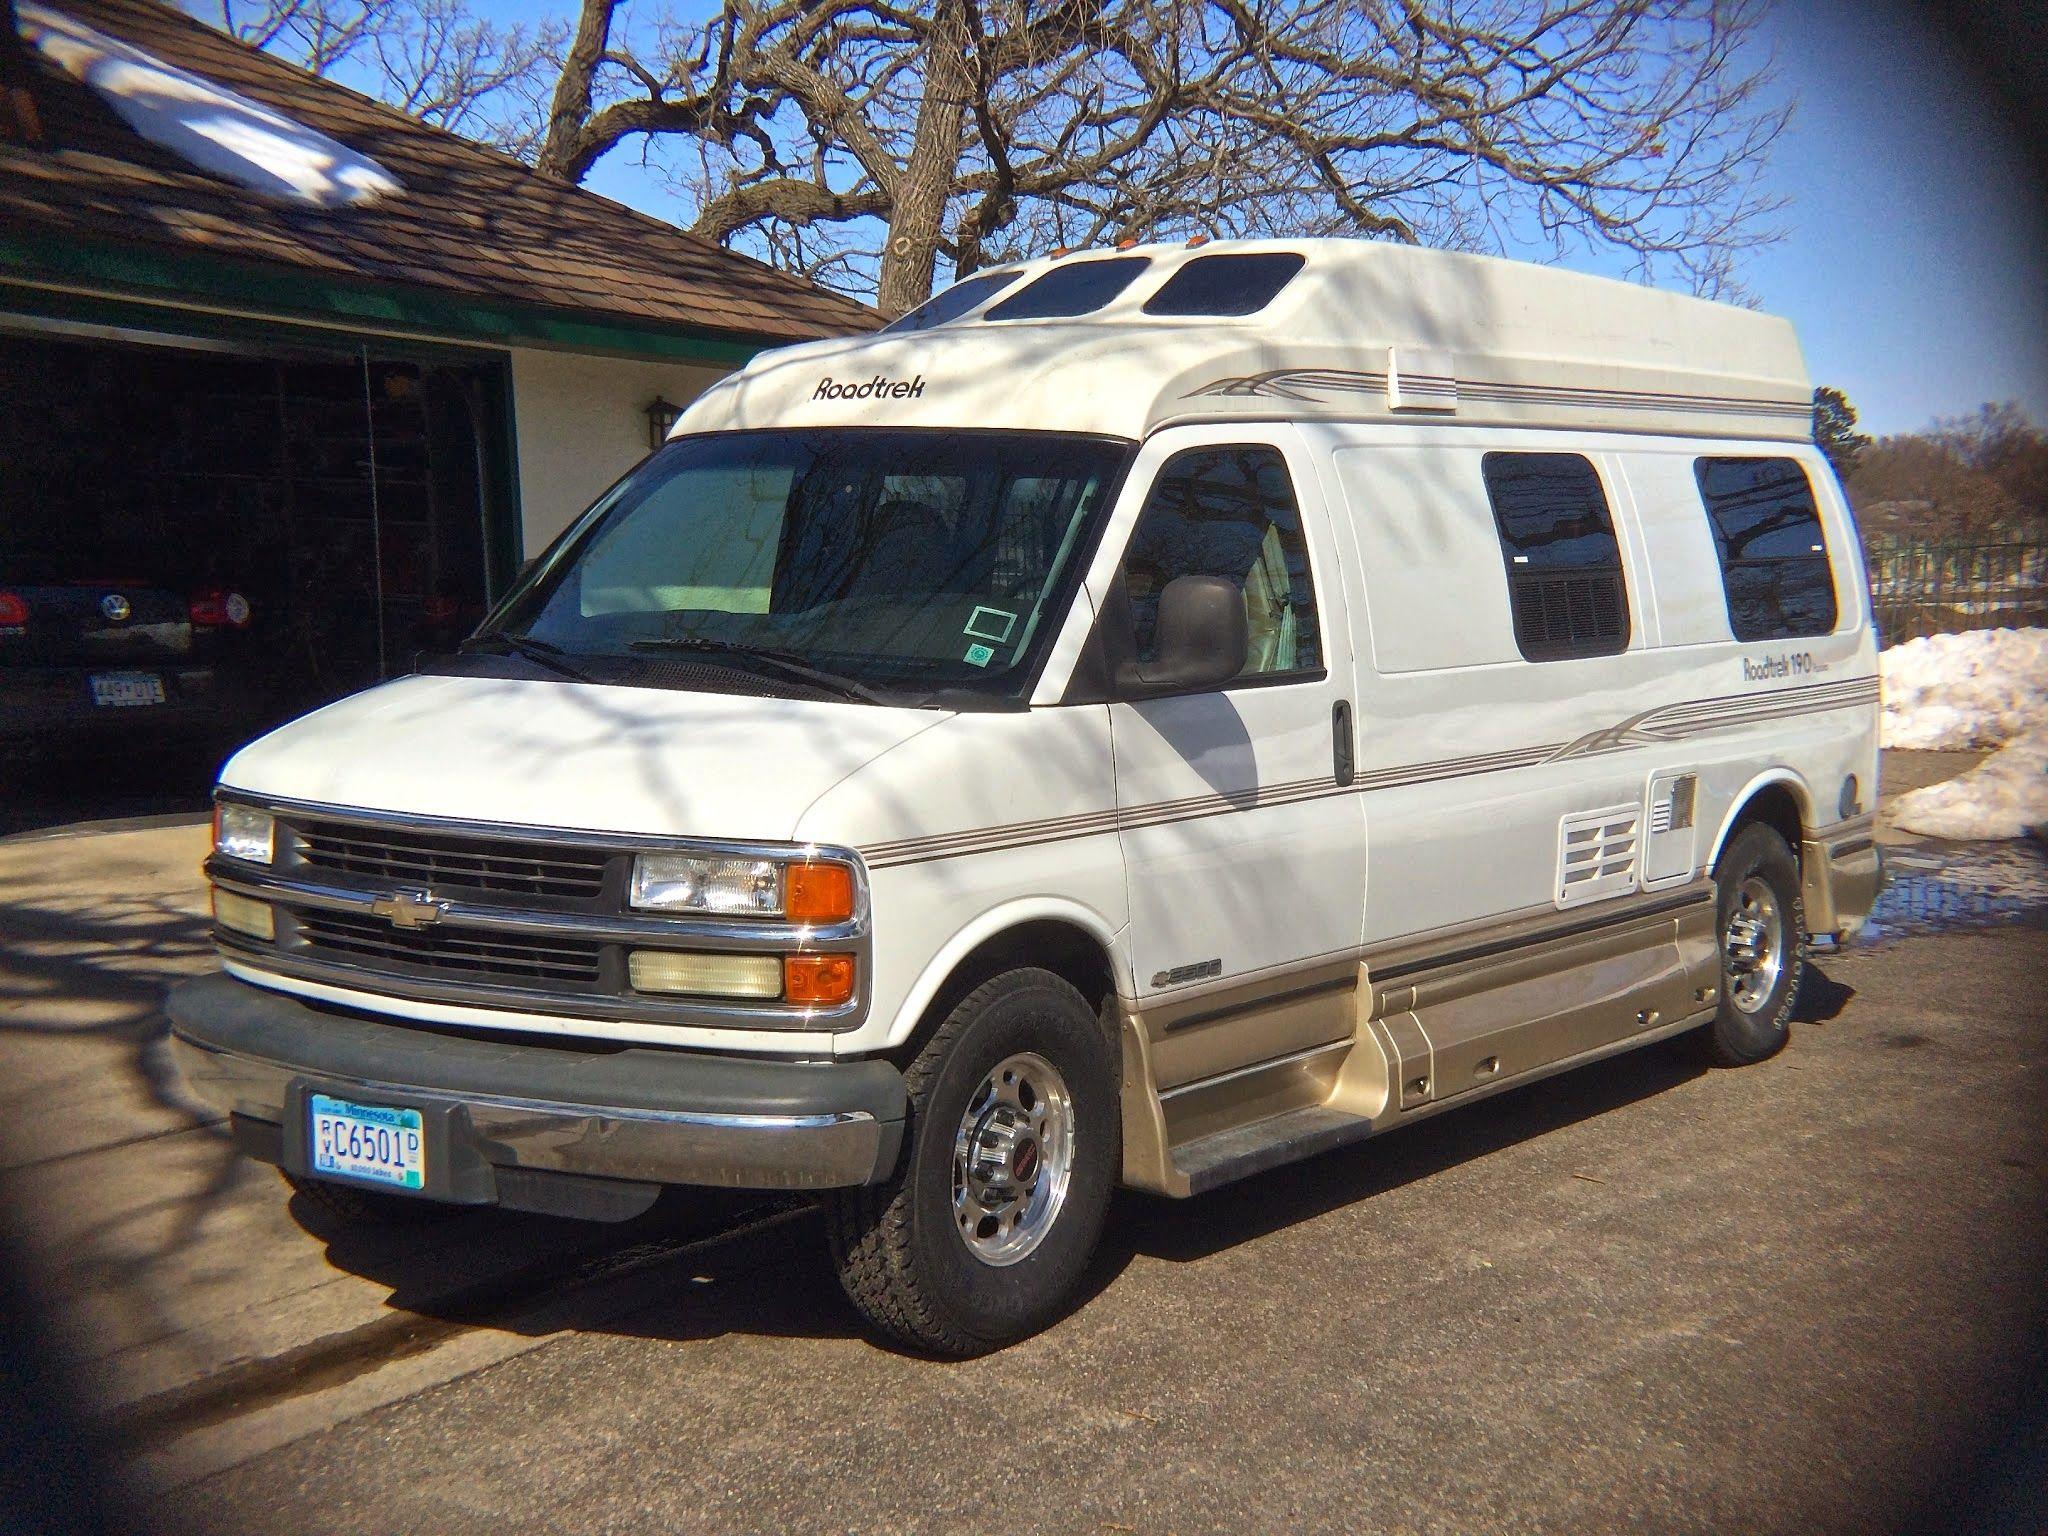 2002 Roadtrek 190 Popular For Sale 25 000 Roadtrek Class B Rv